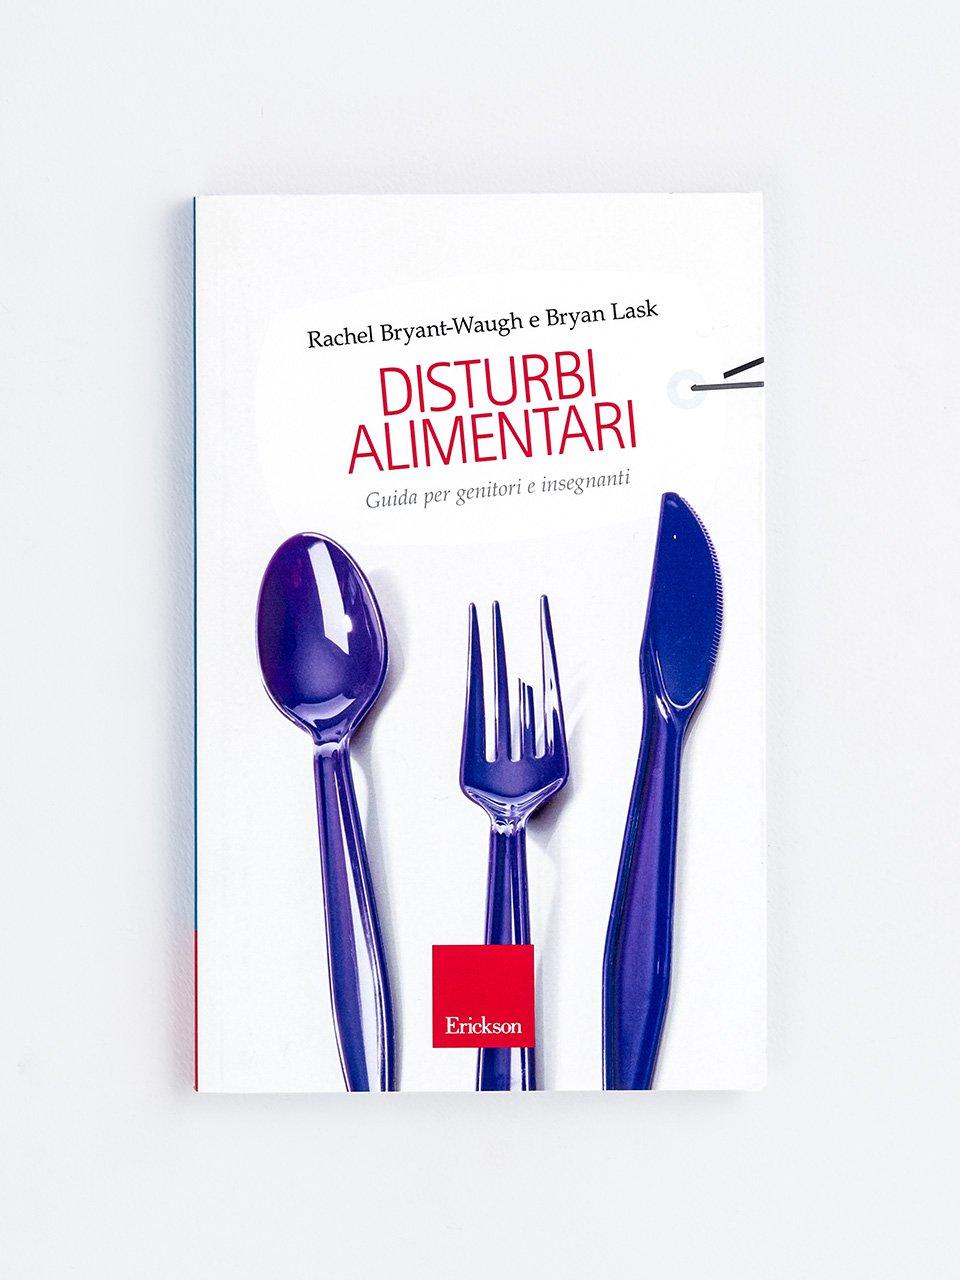 Disturbi alimentari - Manuale di psicoeducazione per disturbi dell'alime - Libri - Erickson